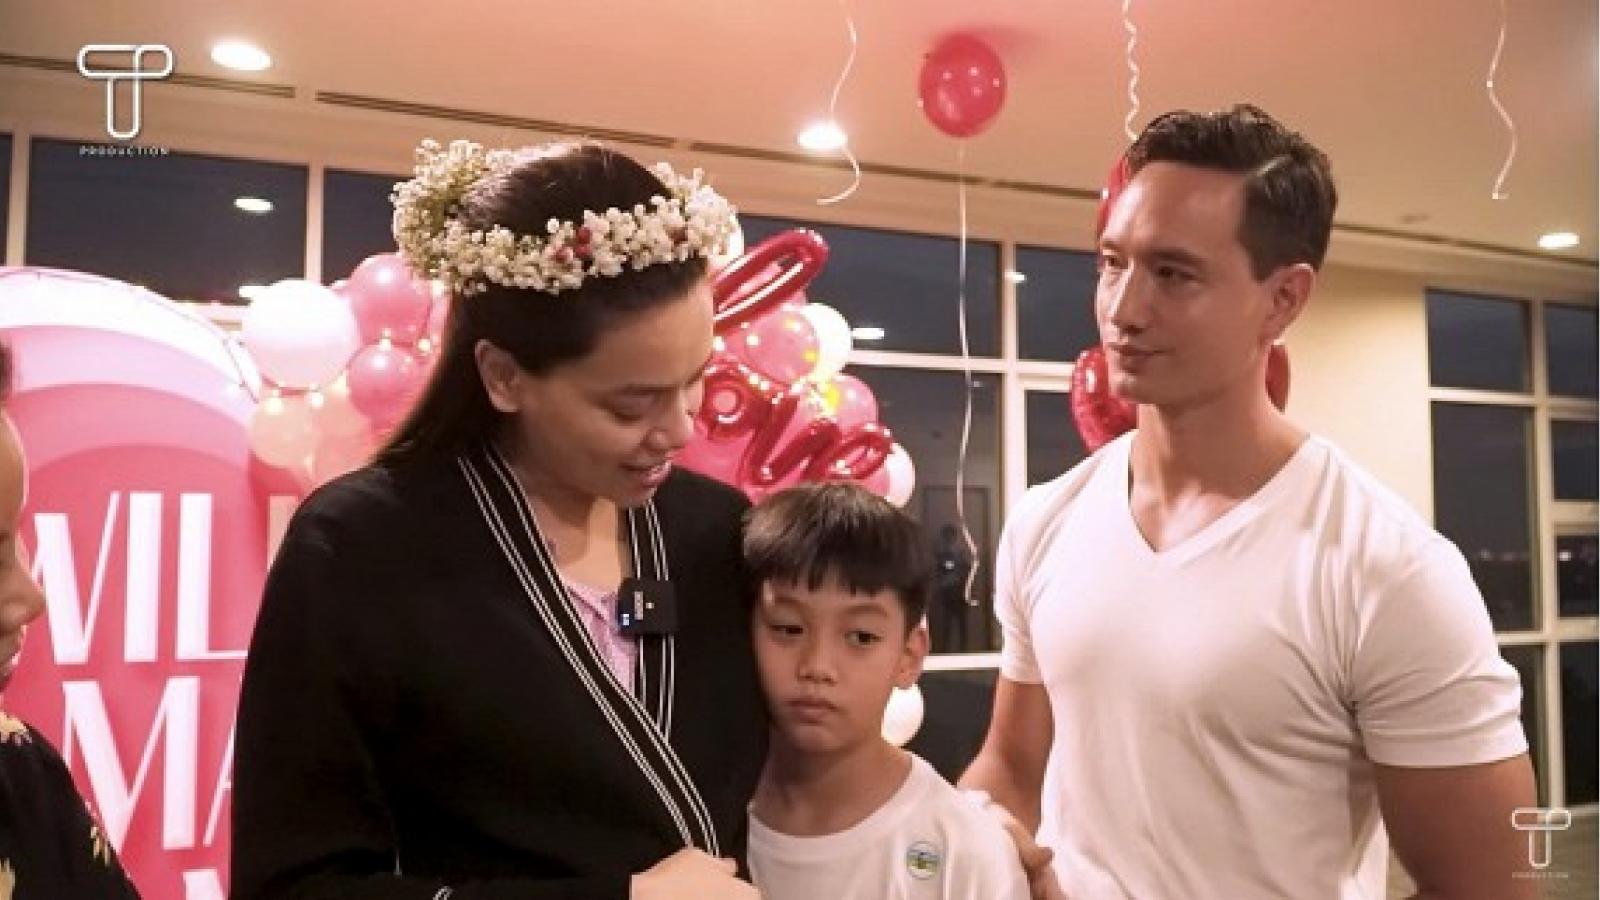 Chuyện showbiz: Hồ Ngọc Hà lần đầu chia sẻ cảm xúc sau màn cầu hôn ngôn tình của Kim Lý